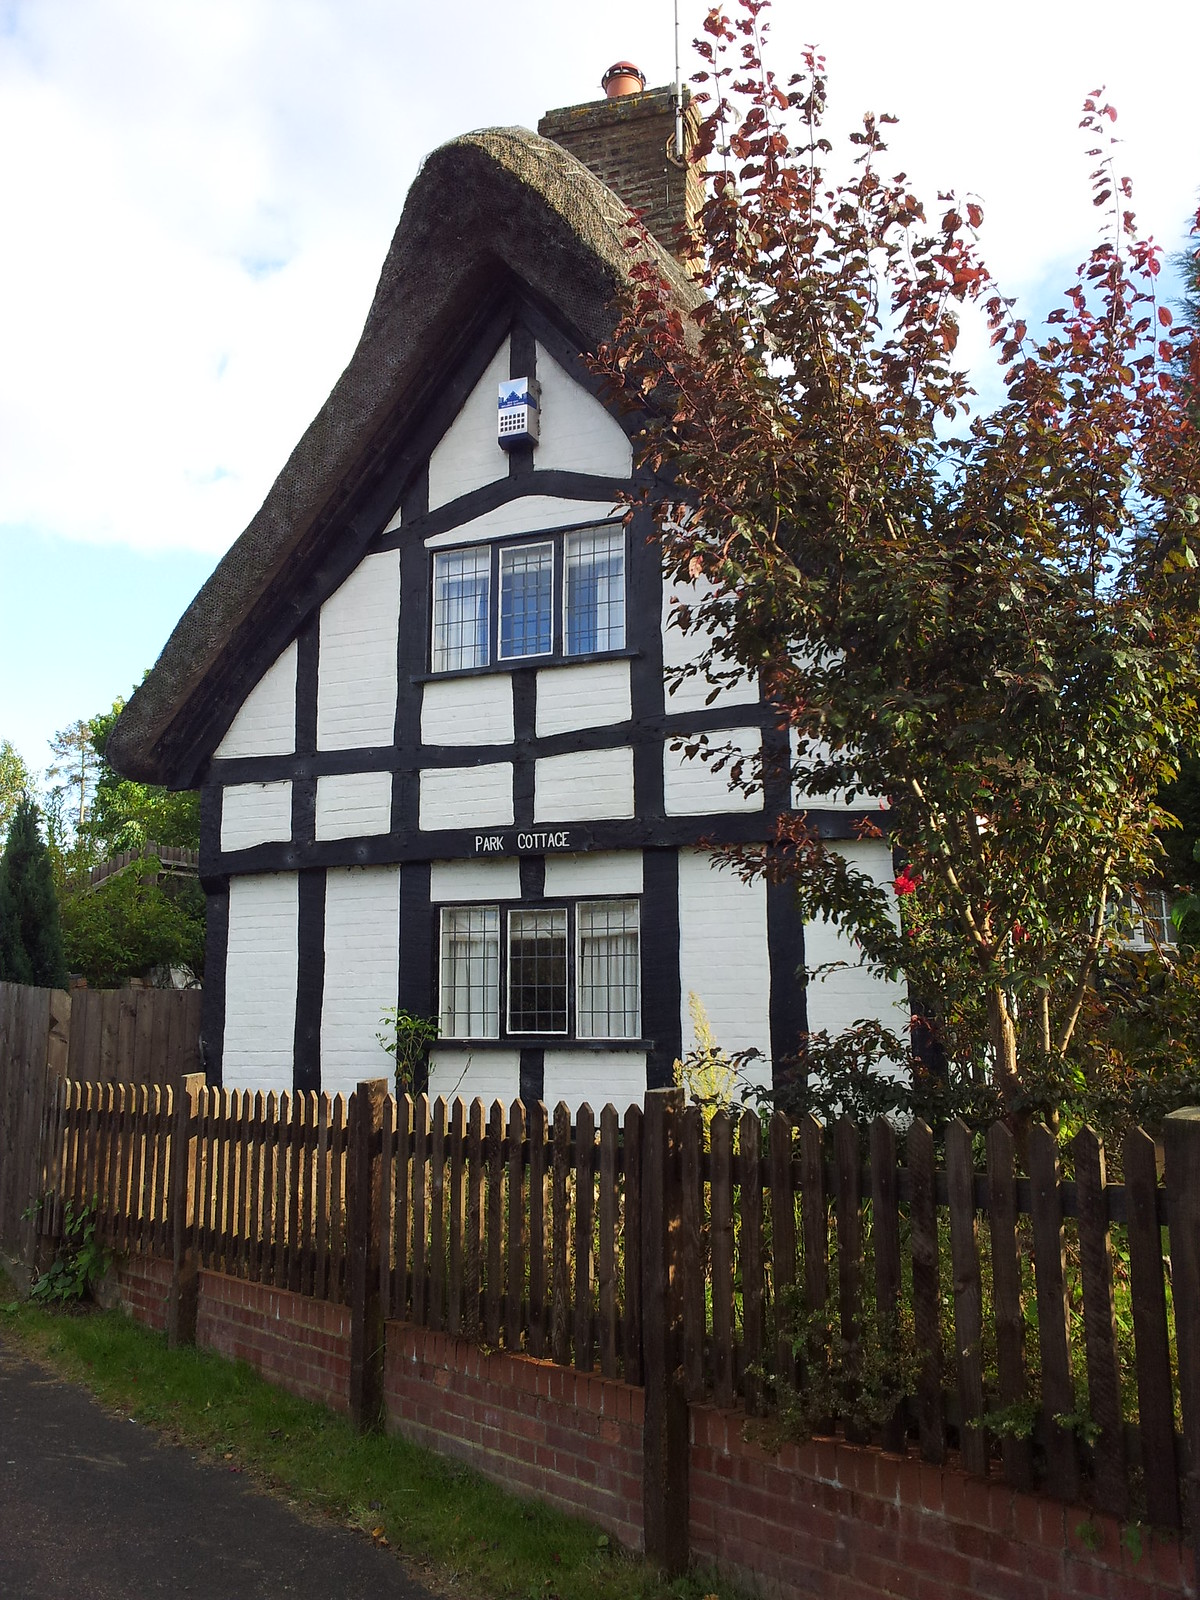 2012-09-29 16.49.54 Park Cottage